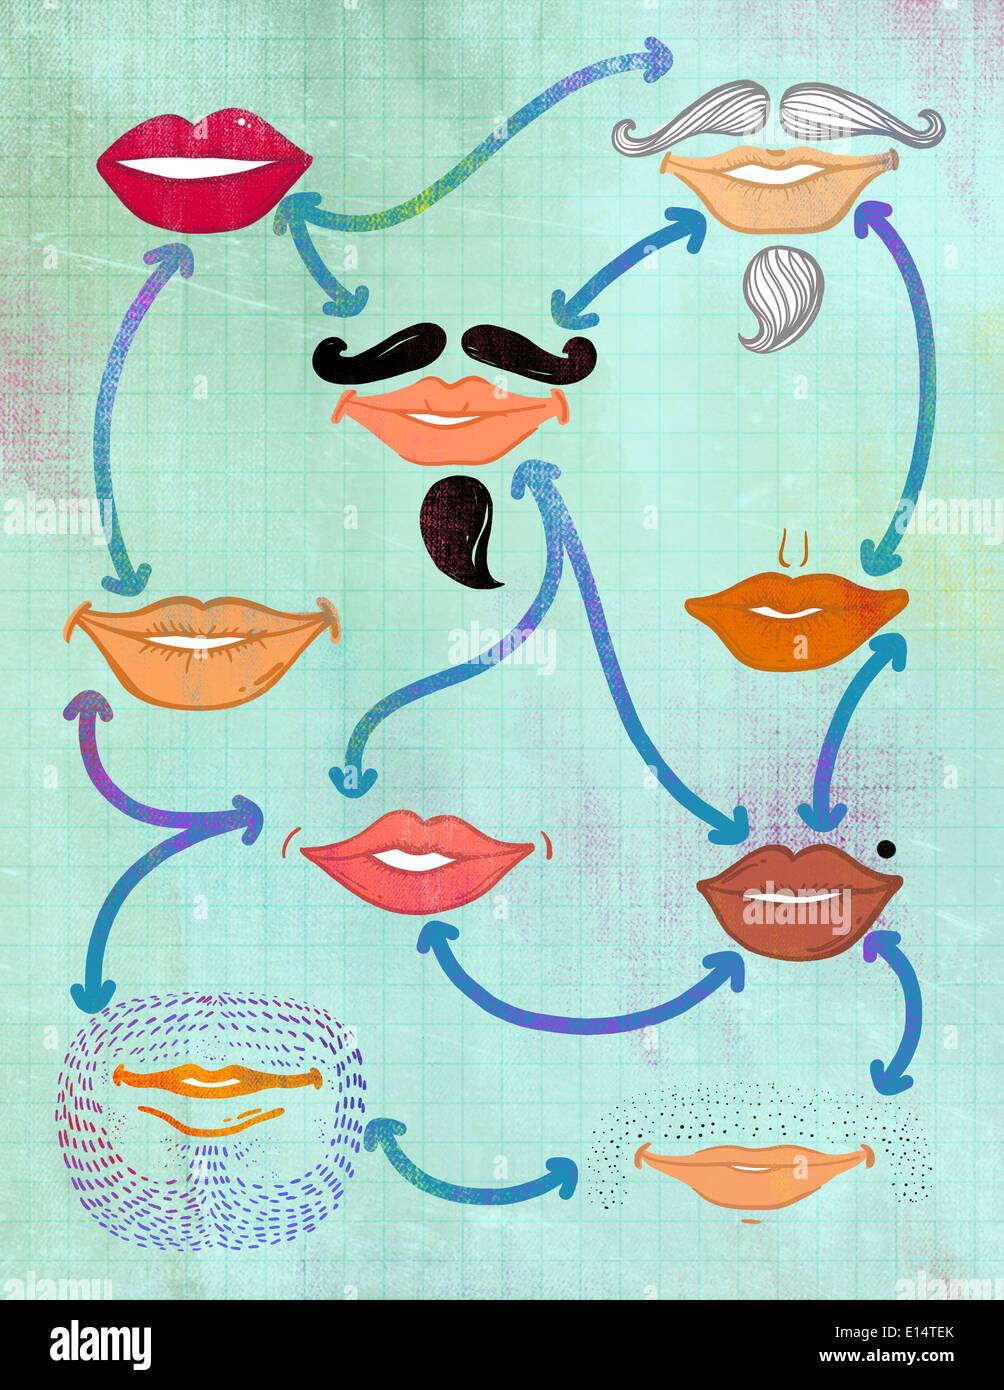 Immagini illustrative di frecce che collegano le labbra in rappresentanza di social networking Immagini Stock